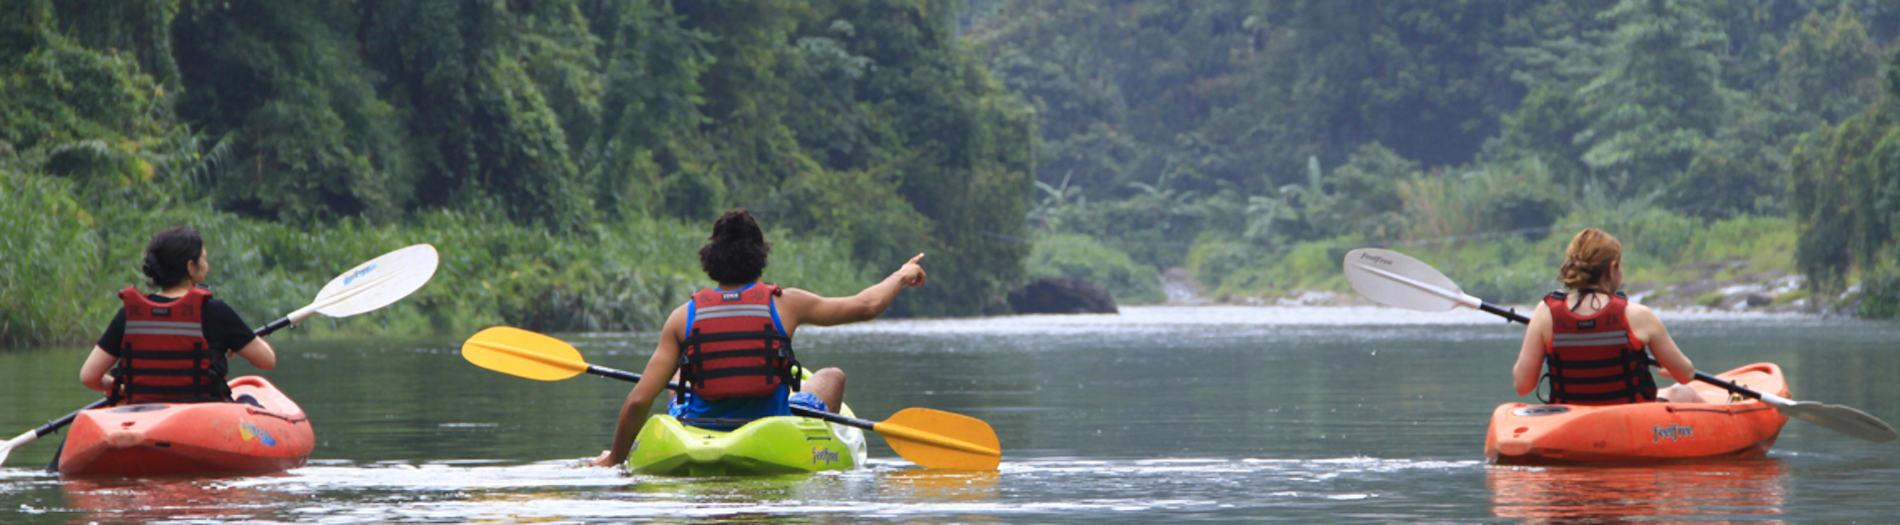 Canoeing _ Kayaking Kithulgala